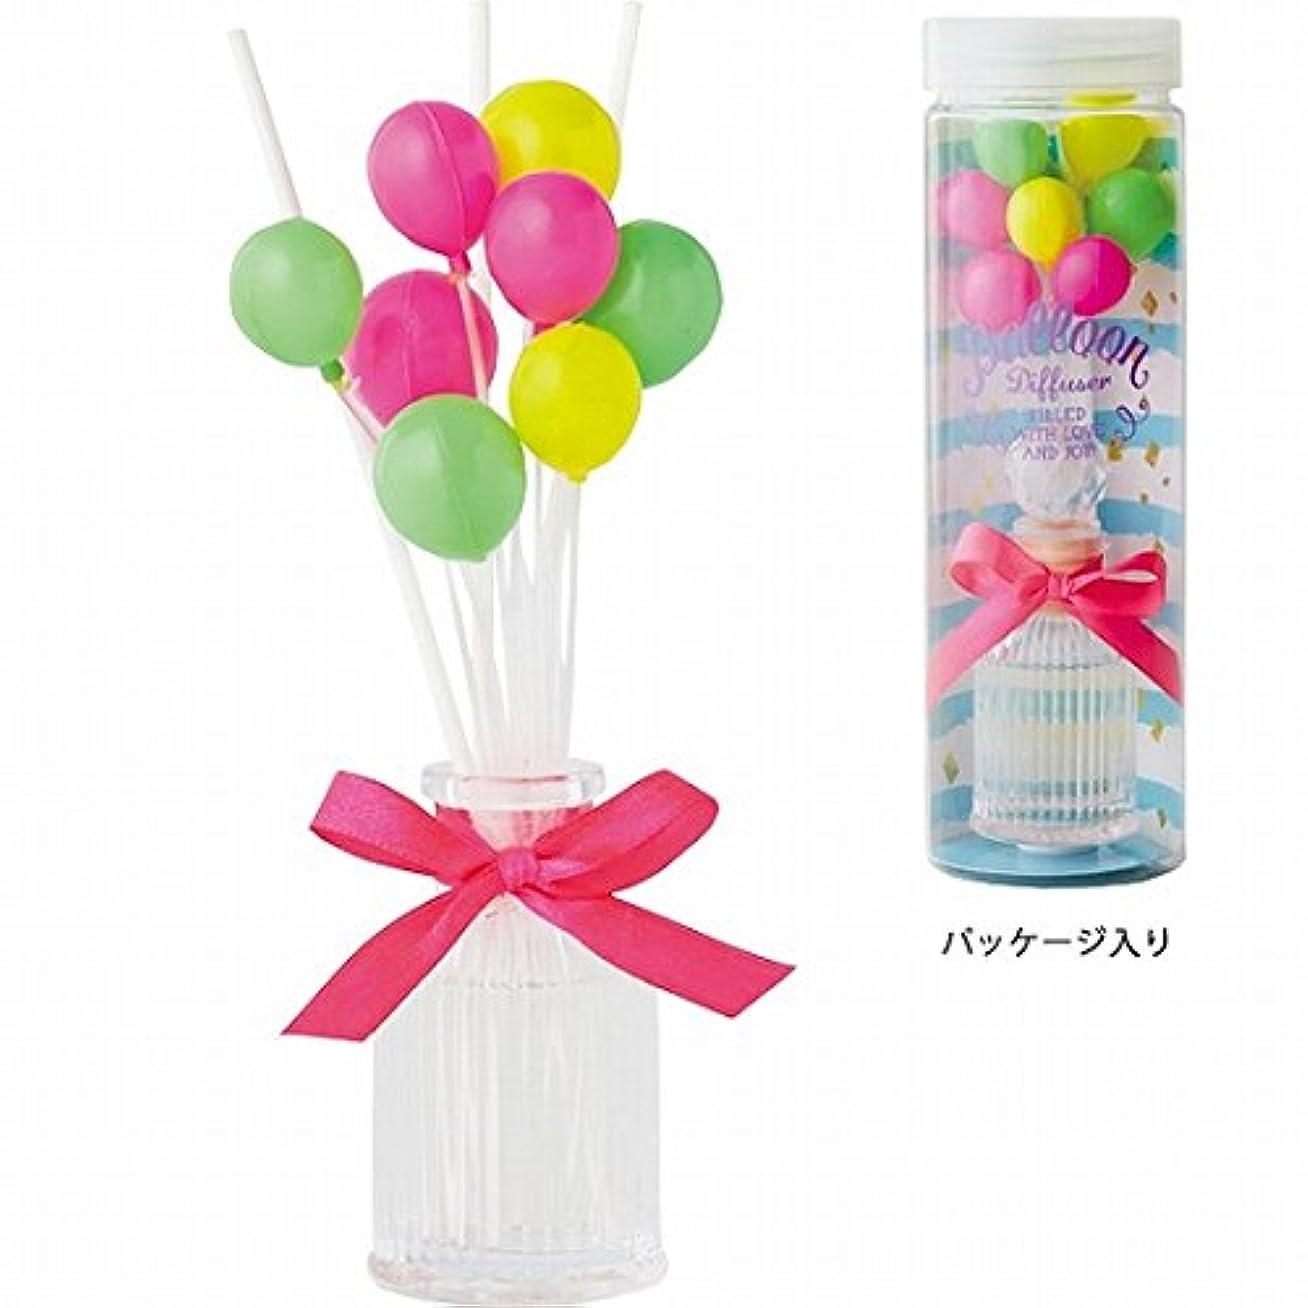 東ティモールおめでとう月曜日kameyama candle(カメヤマキャンドル) バルーンディフューザー(E3290510)